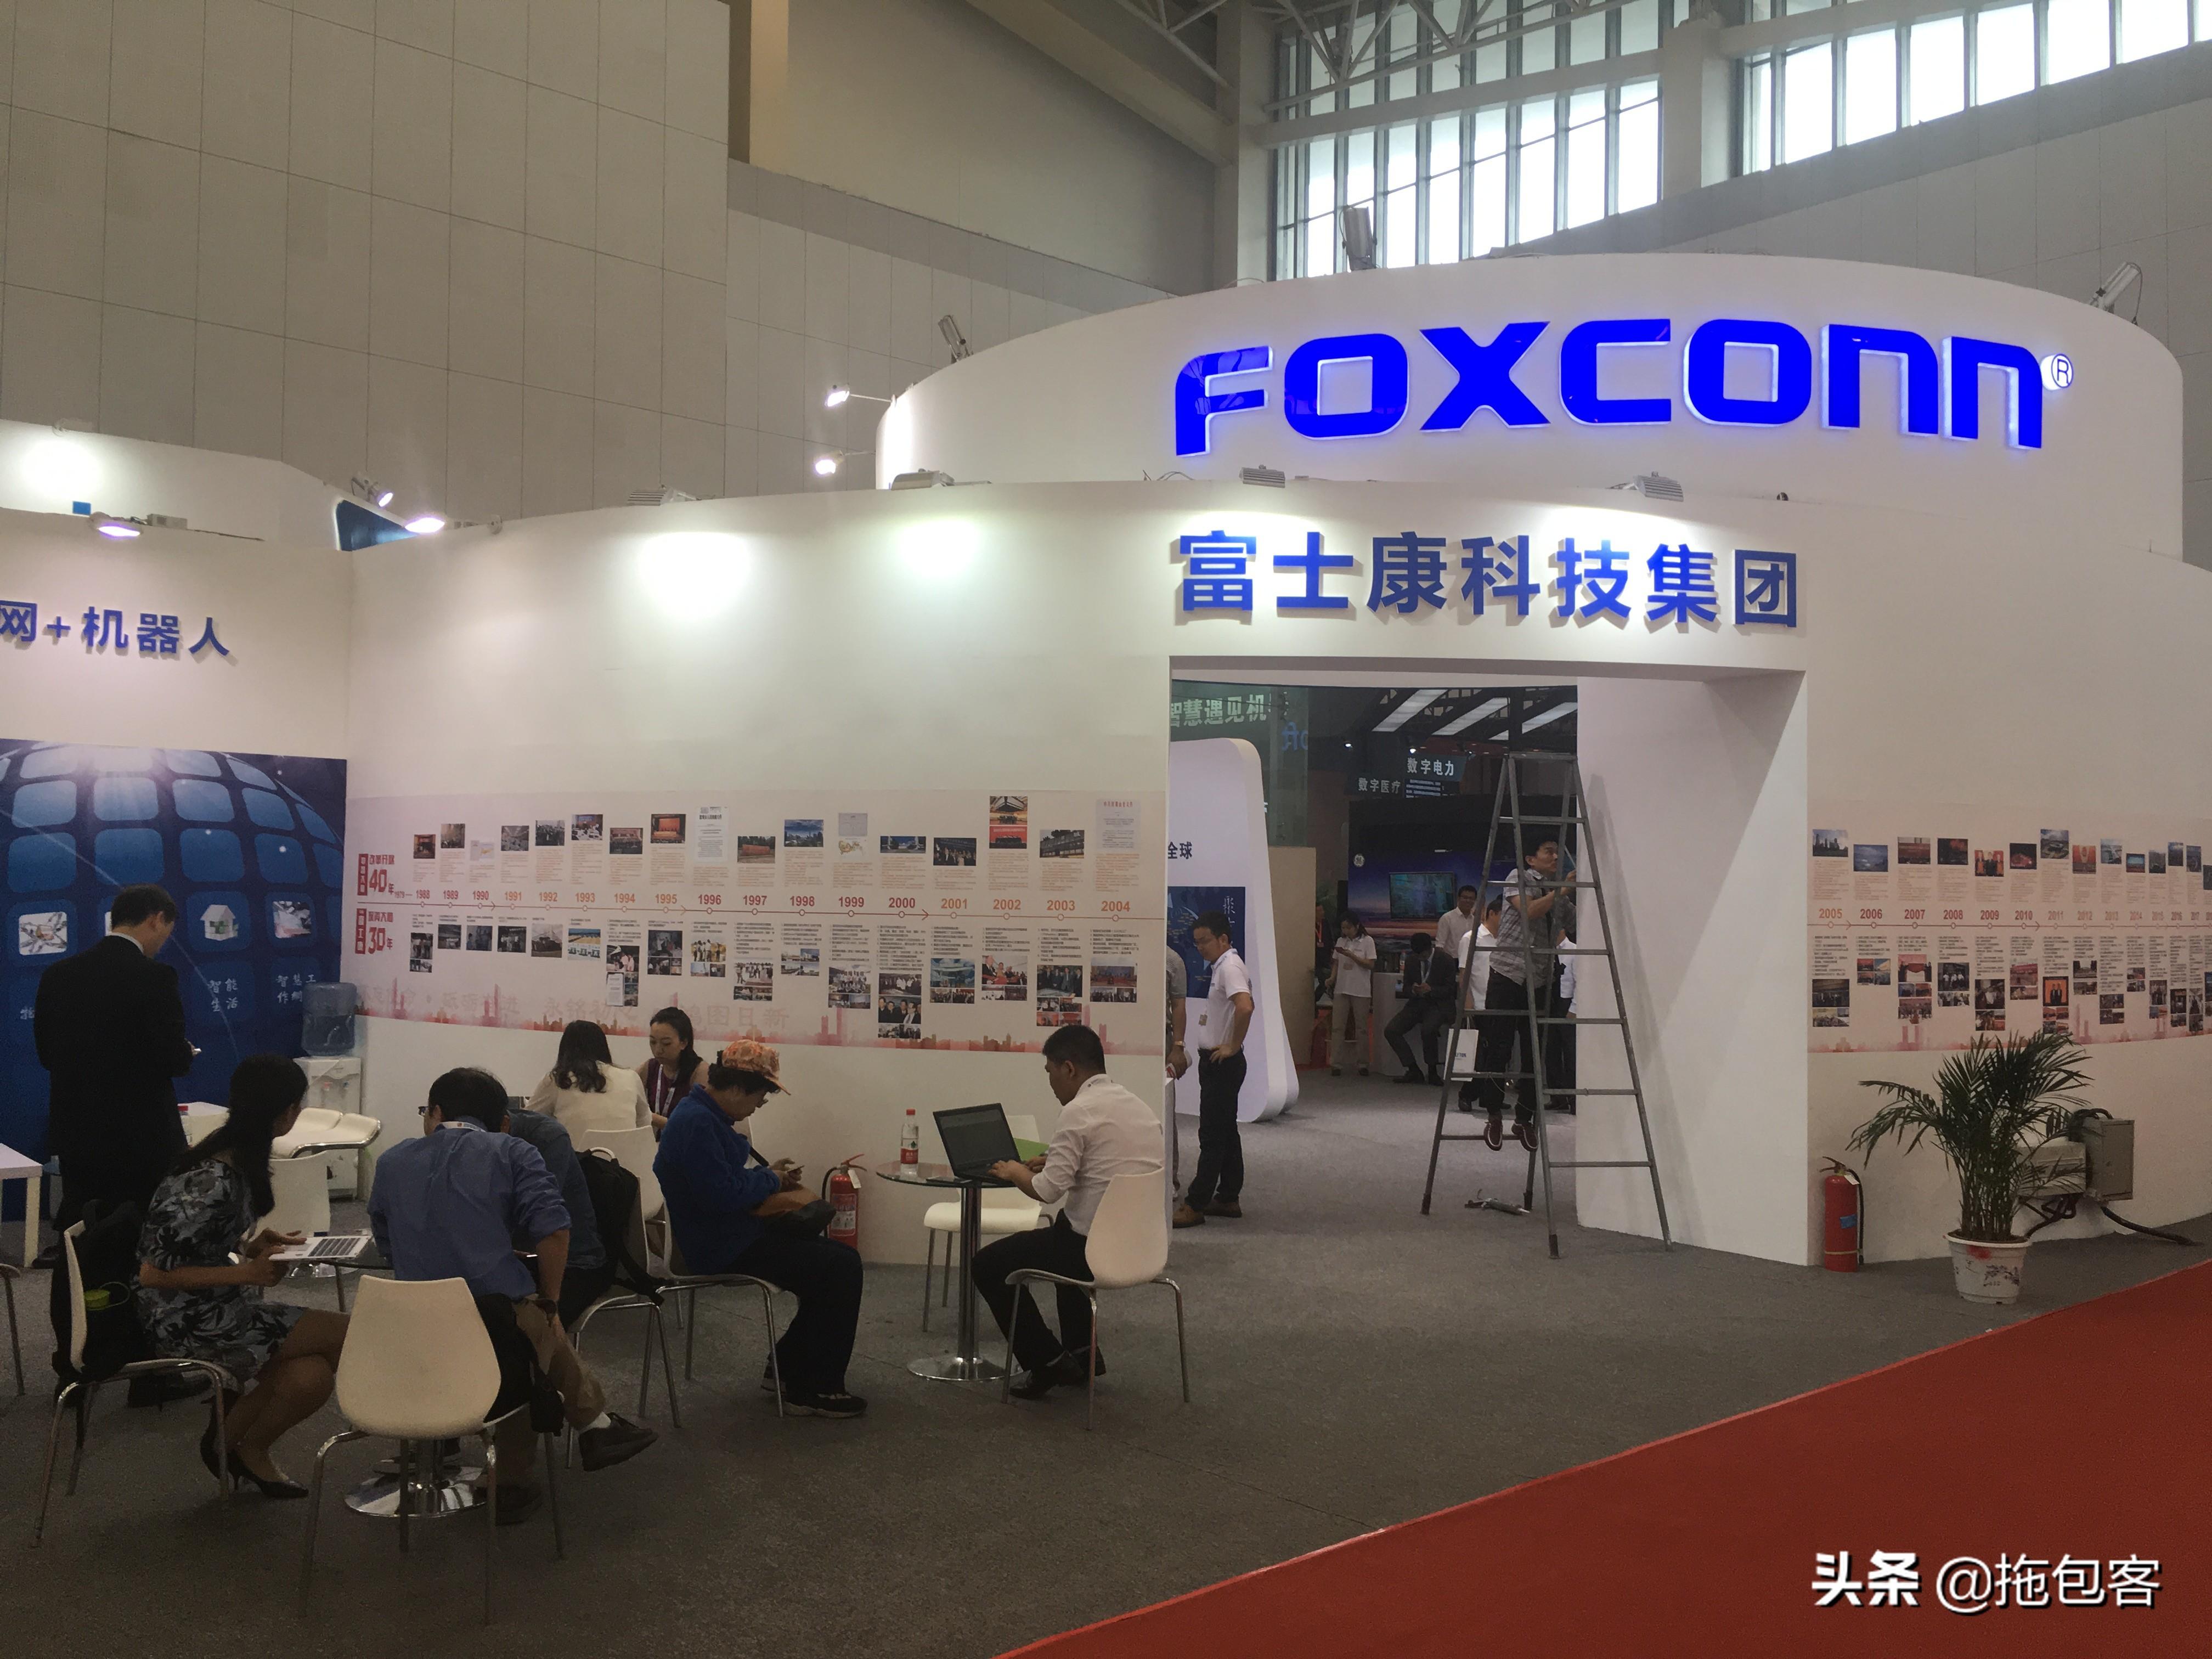 天津富士康(鸿富锦)电子厂 招聘信息